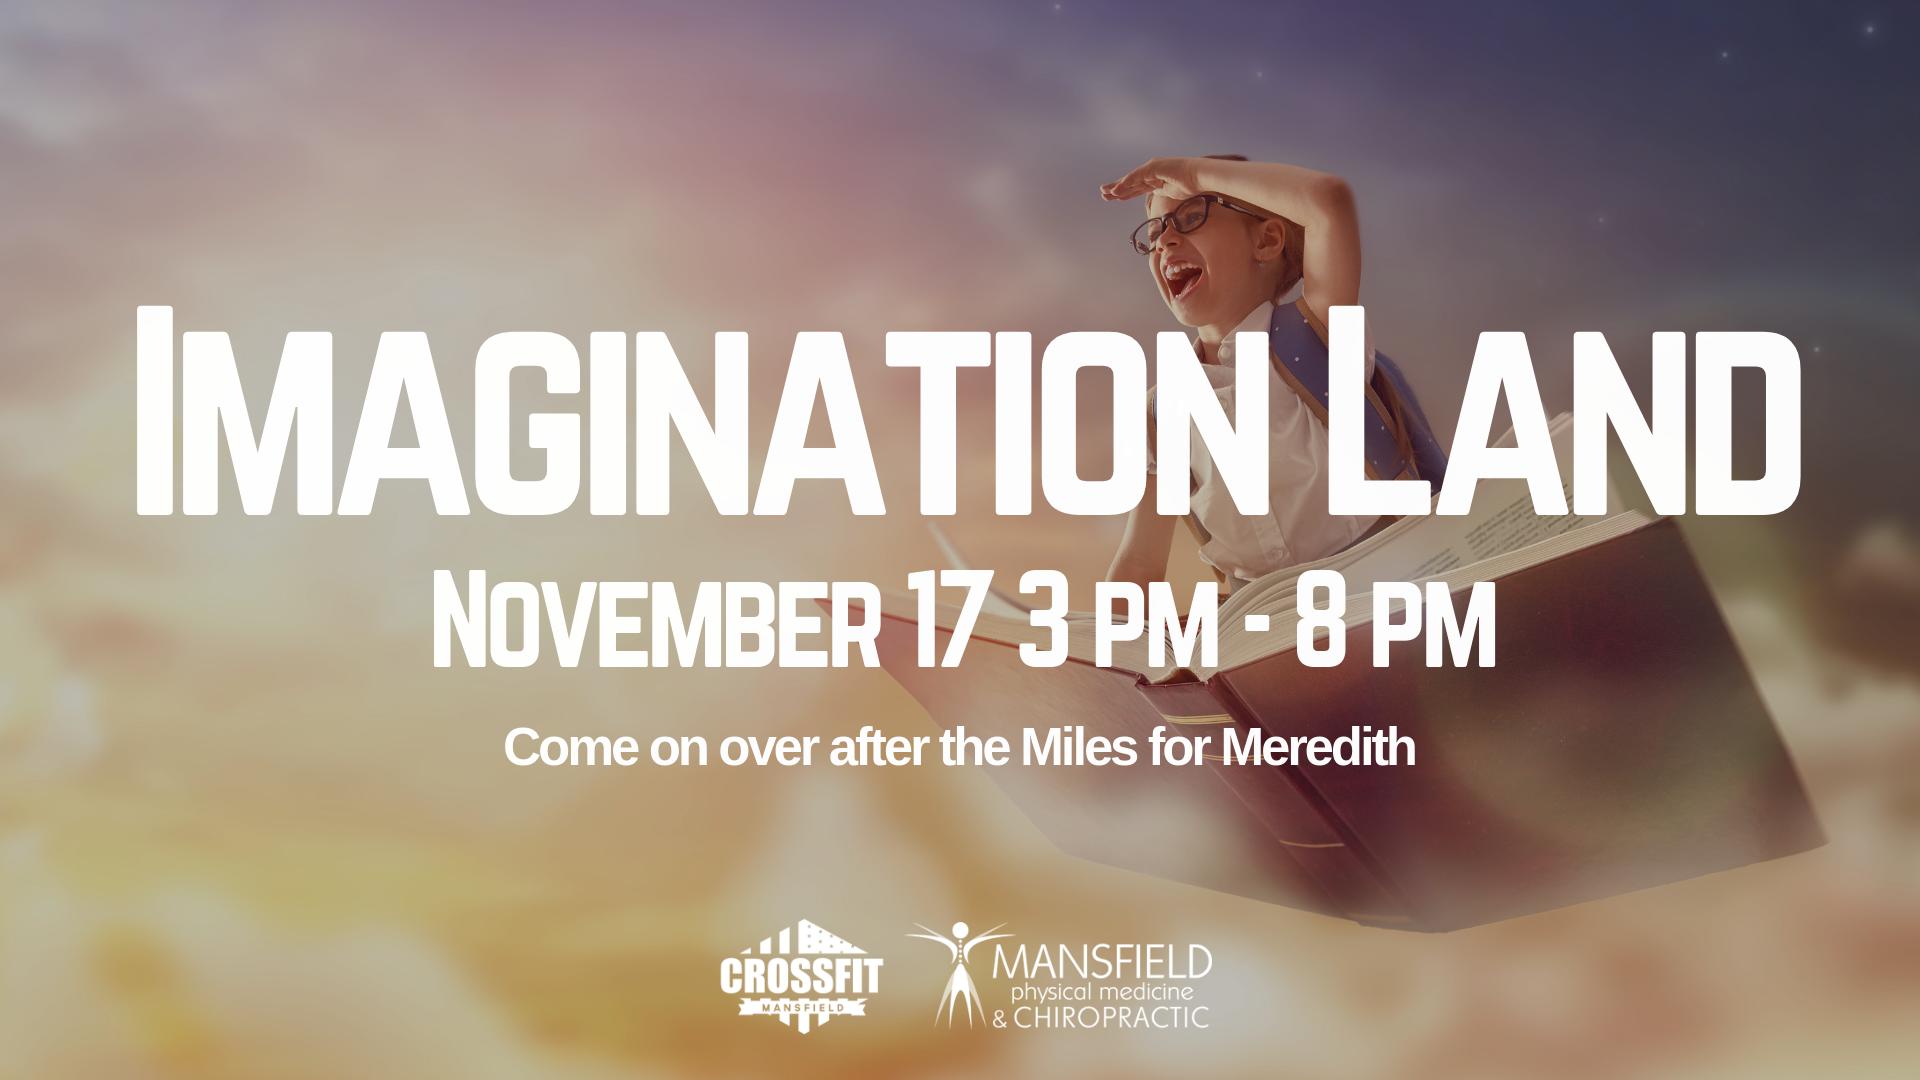 Imagination Land - Ticket Images (1).png